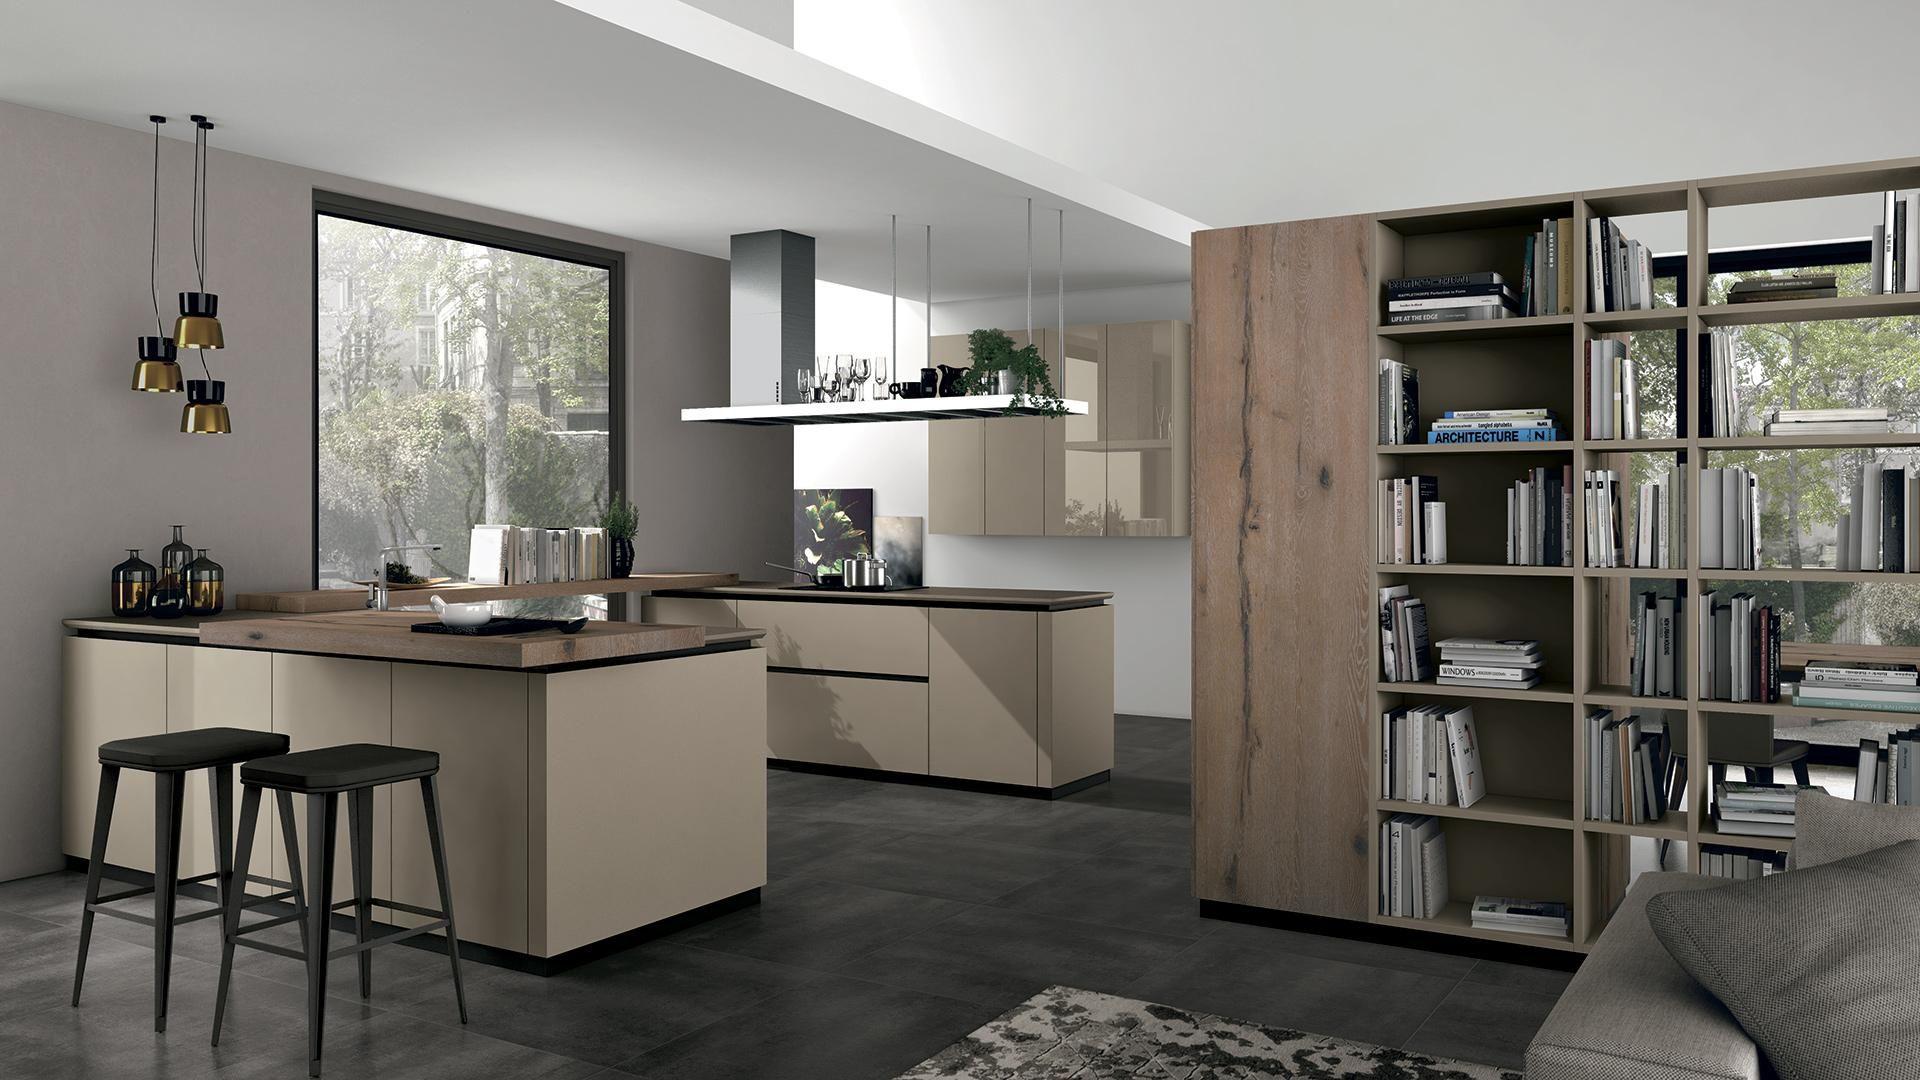 Oltre \'Bark oak\' kitchen | Oltre kitchen | Pinterest | Kitchens